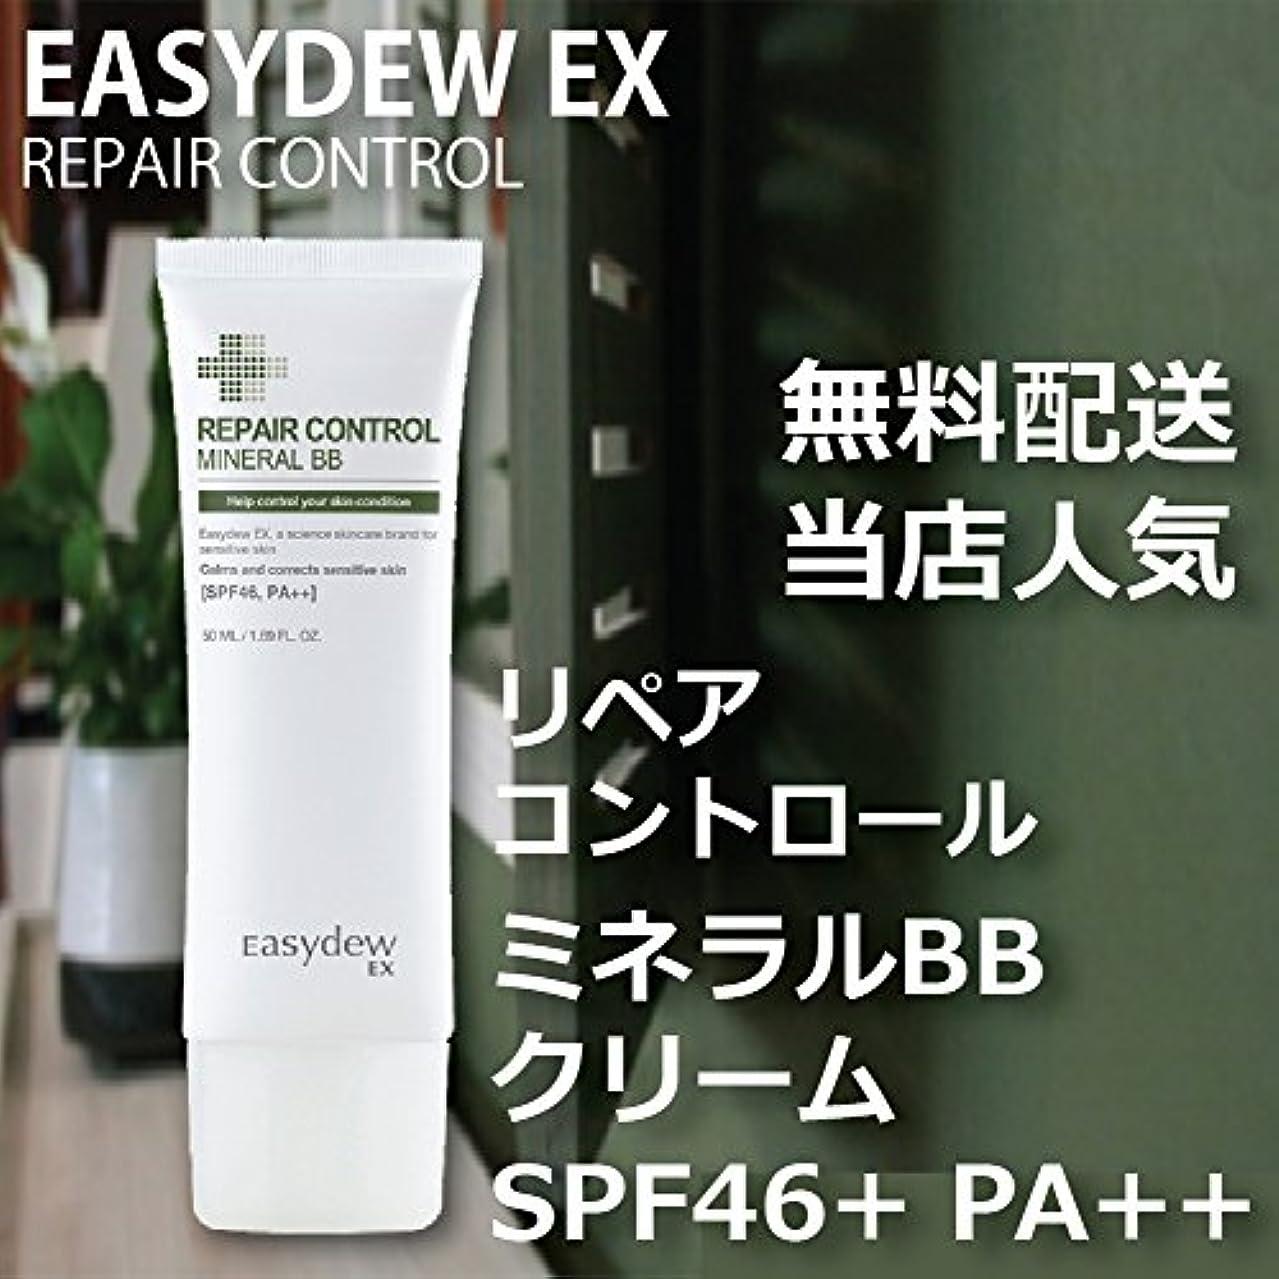 不名誉オペラタービンEASY DEW EX ミネラル BBクリーム SPF46+ PA++ 50ml MINRAL BB CREAM 韓国 人気 コスメ イージーデュー 敏感 乾燥 美白 しわ 3重機能性